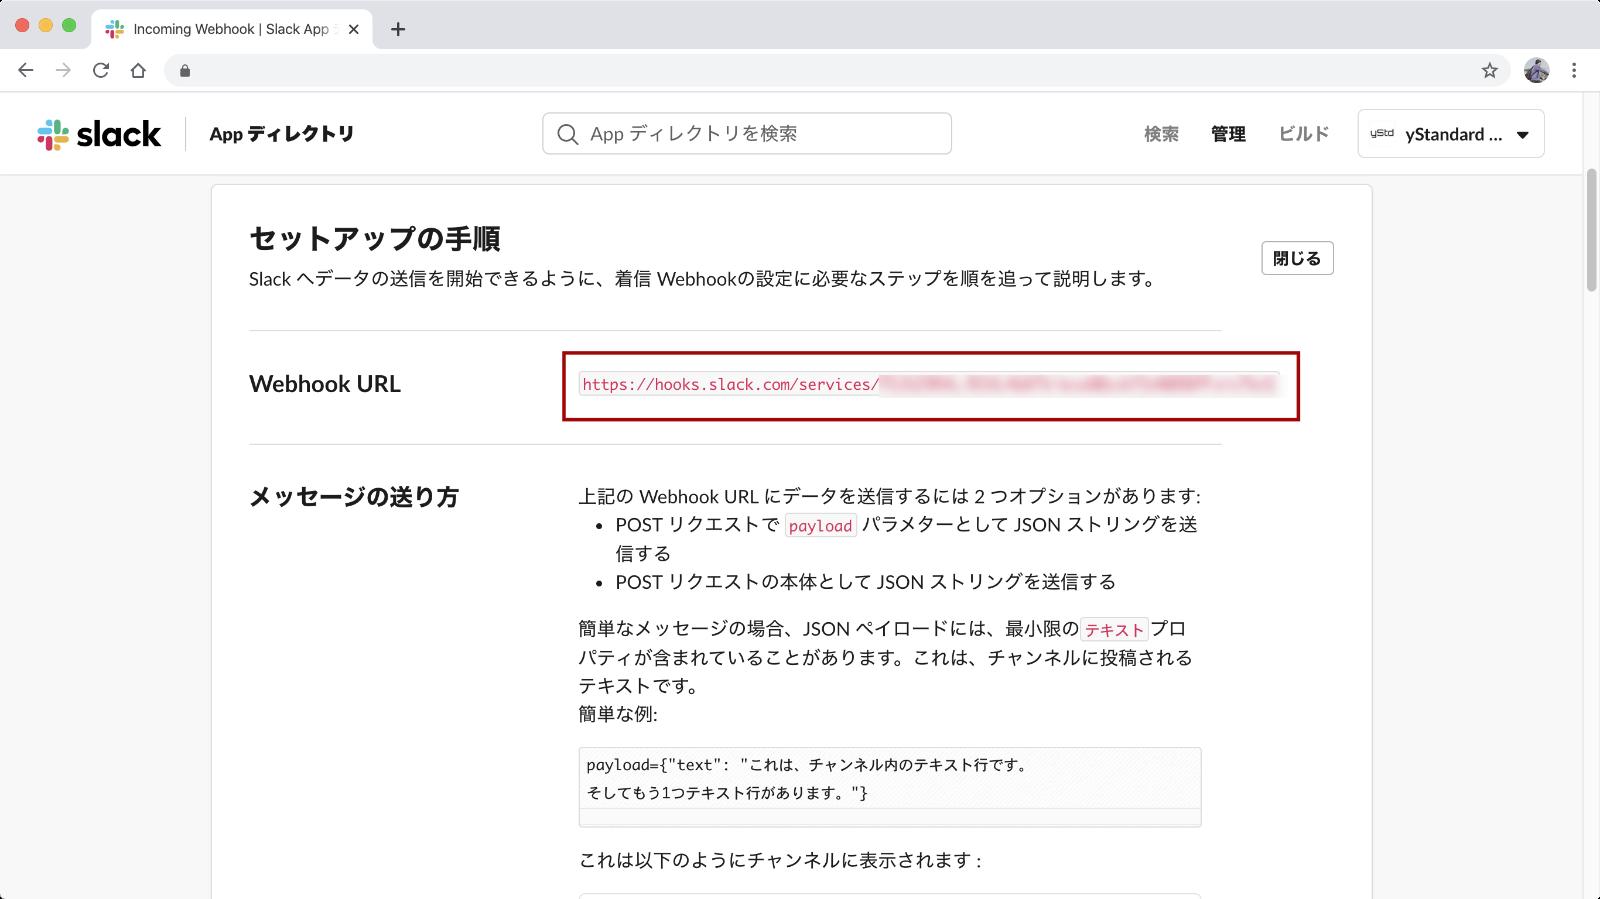 通知を送るためのWebhook URLを取得する